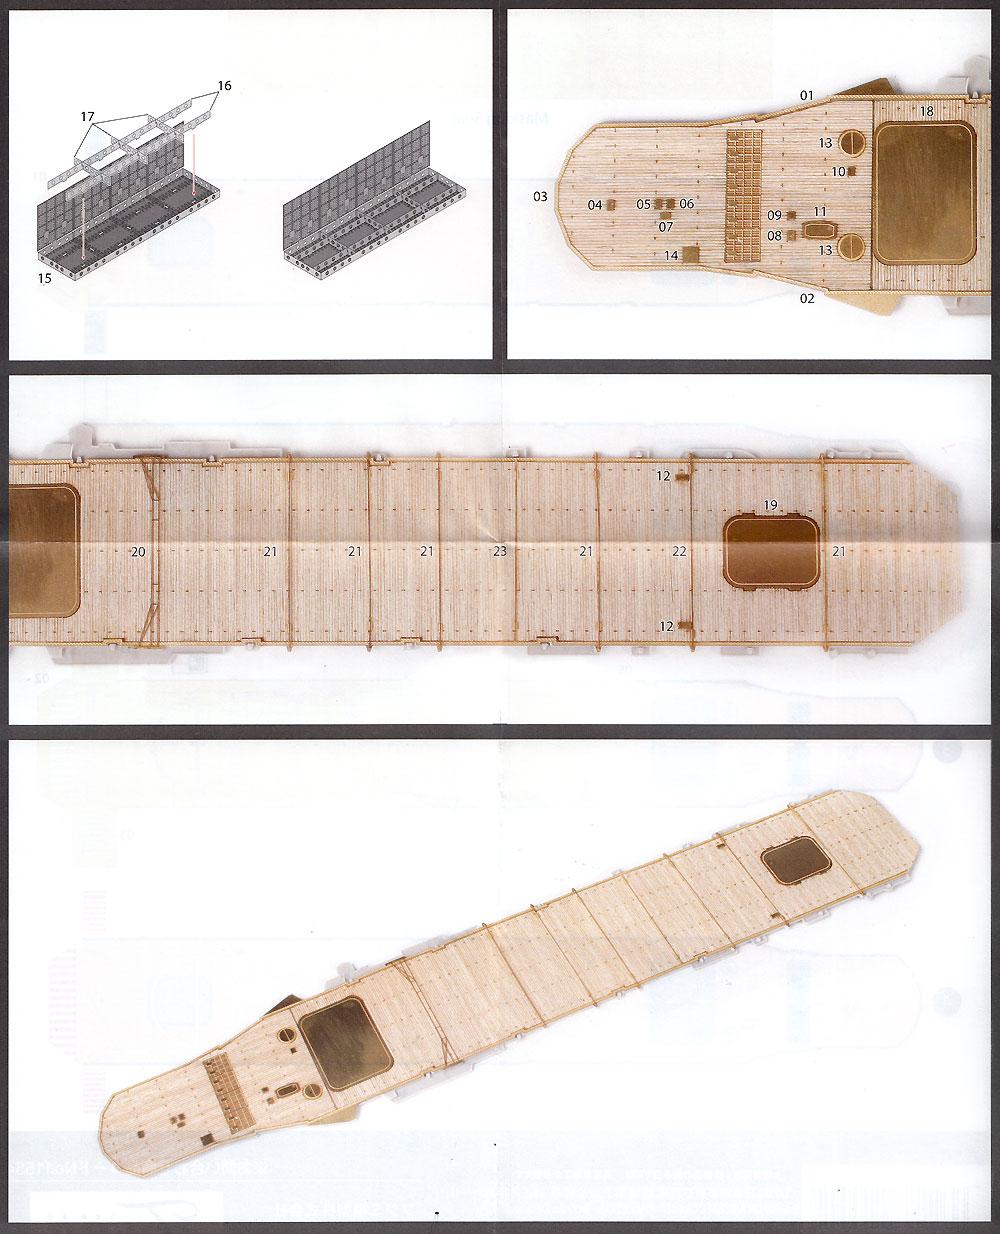 日本海軍 航空母艦 龍驤 第二次改装時 純正木甲板シール木製甲板(フジミ1/700 グレードアップパーツシリーズNo.128)商品画像_2